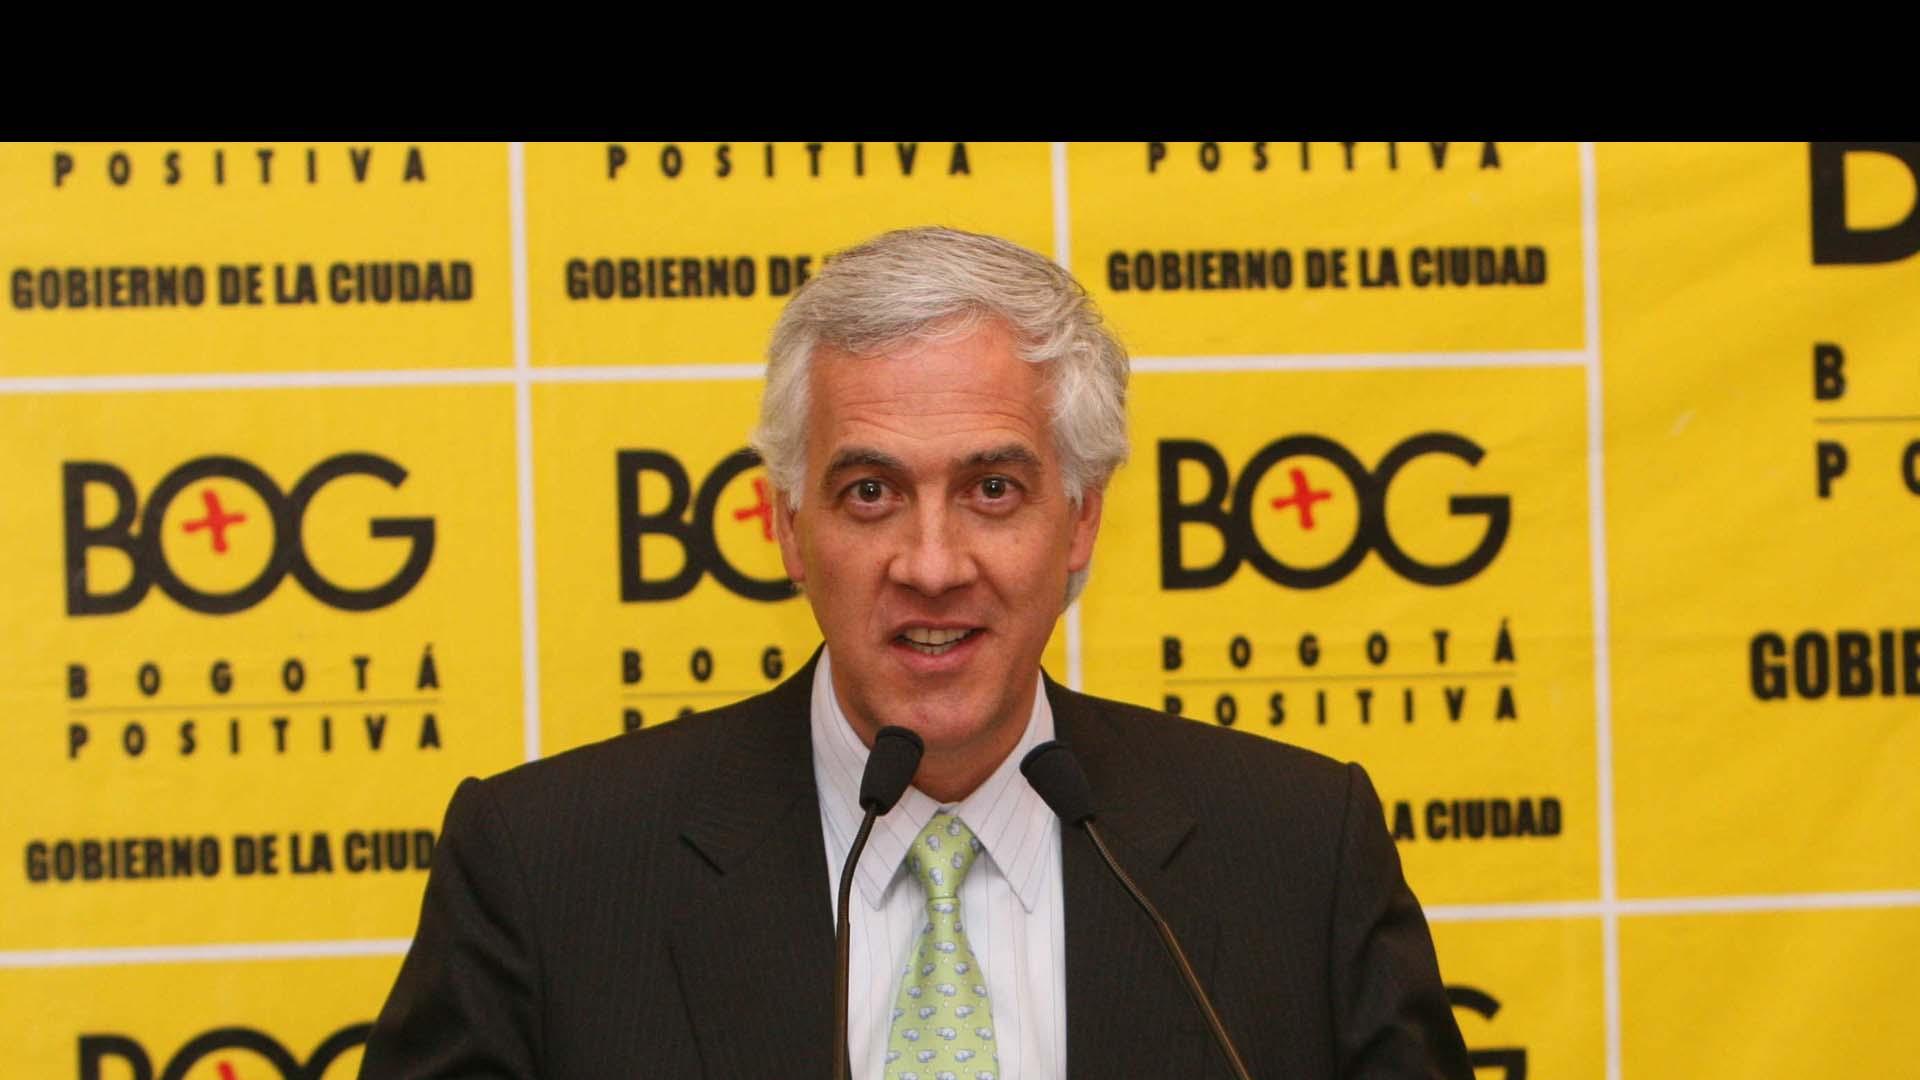 Hasta 24 años podría pasar en prisión el ex burgomaestre de Bogotá por interés indebido de contratos